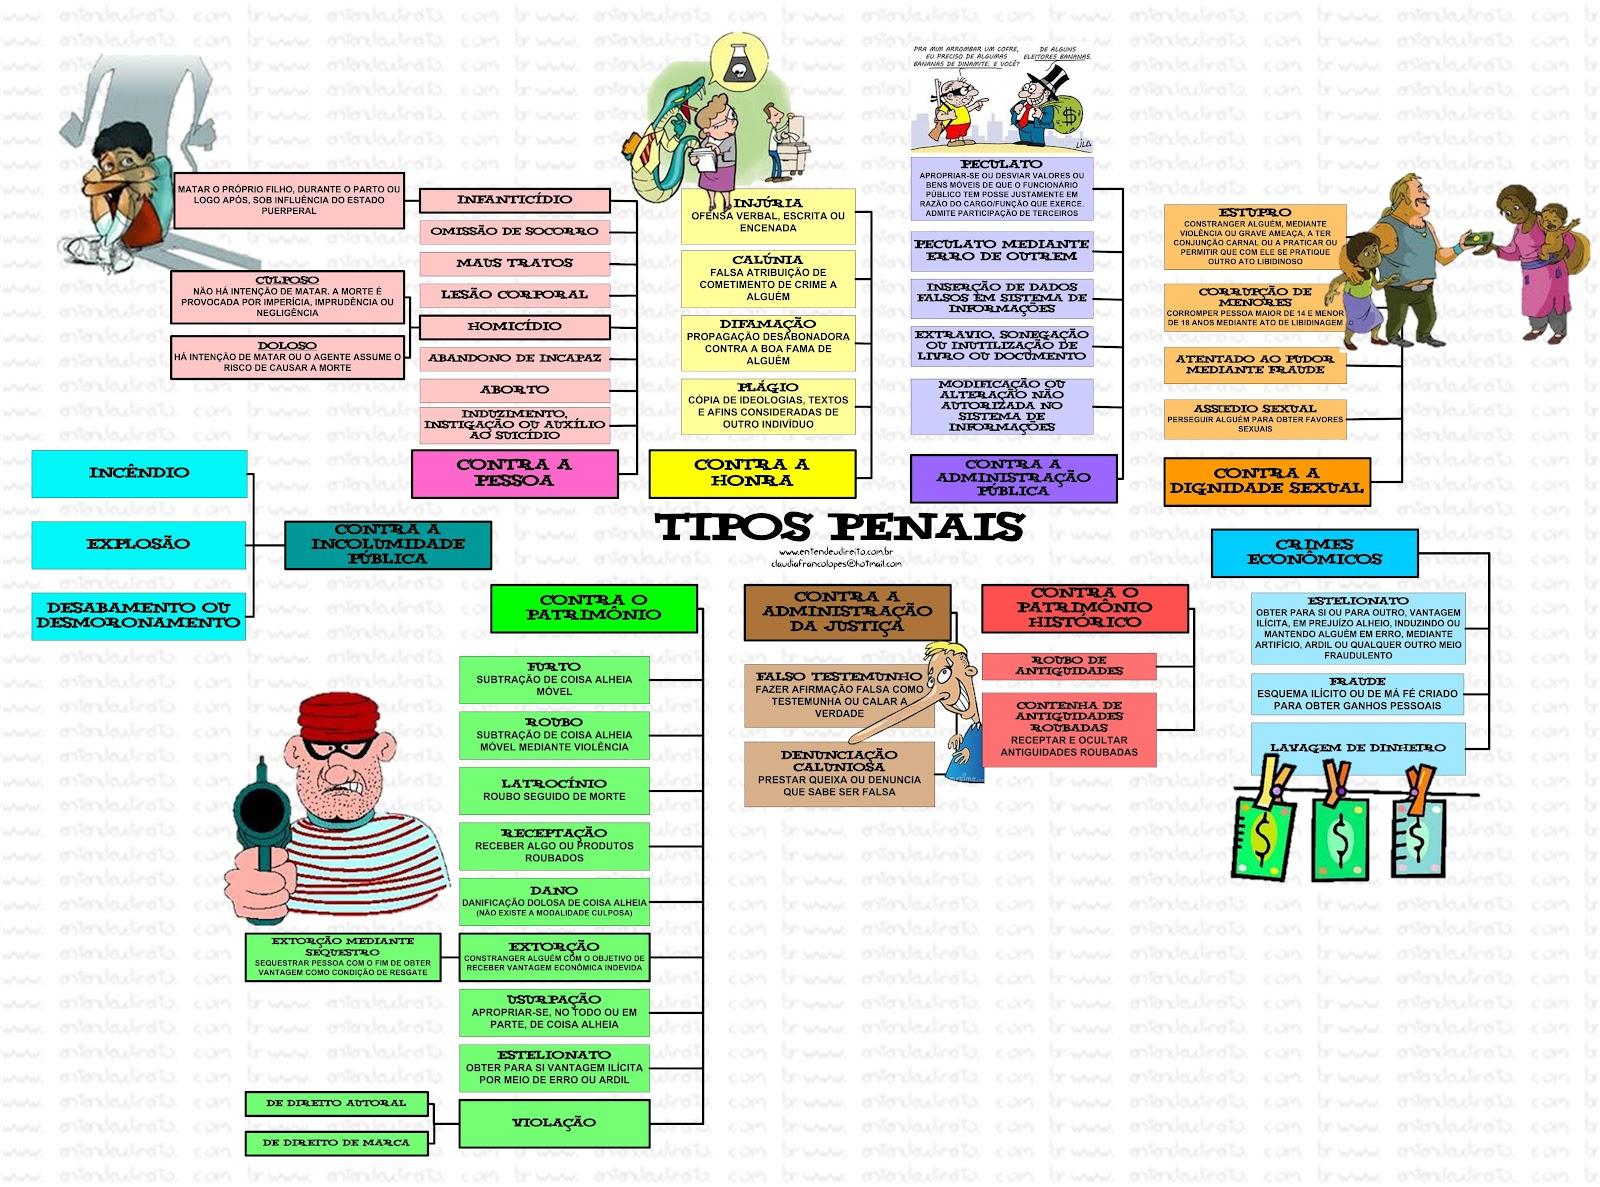 Concurseiro guerreiro crime tipos penais for Tipos de viveros pdf